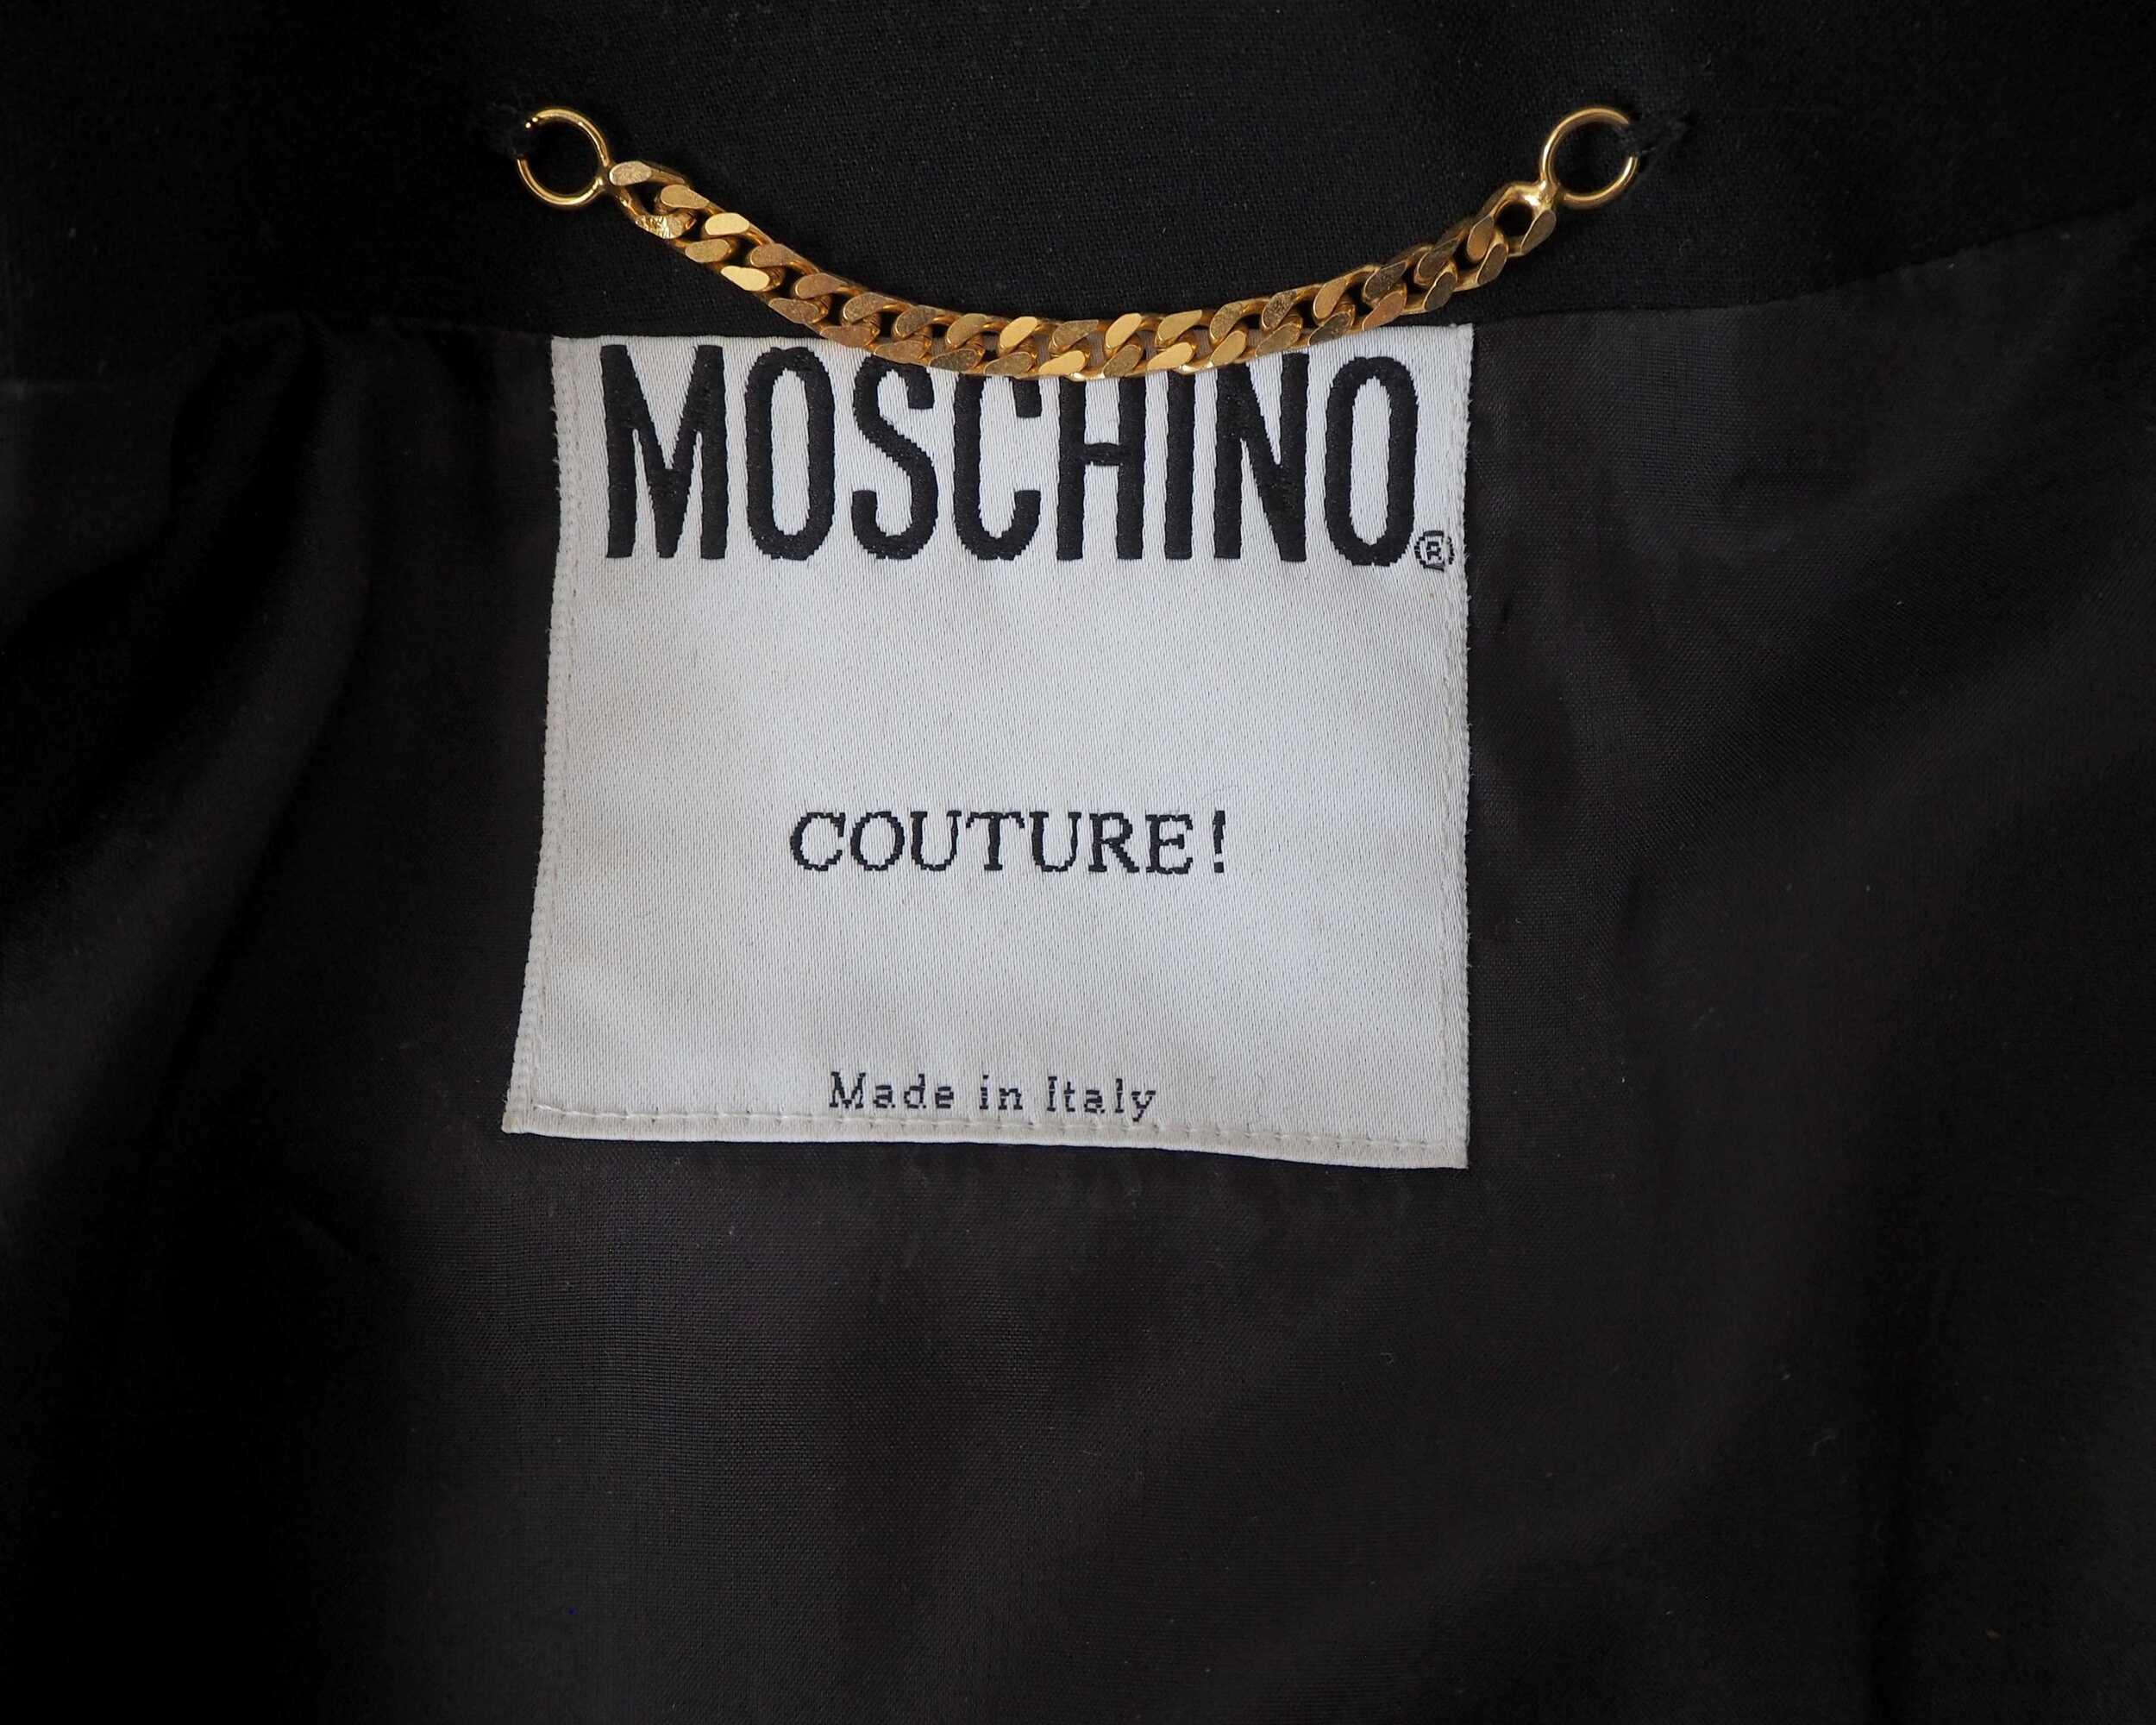 Veste Moschino